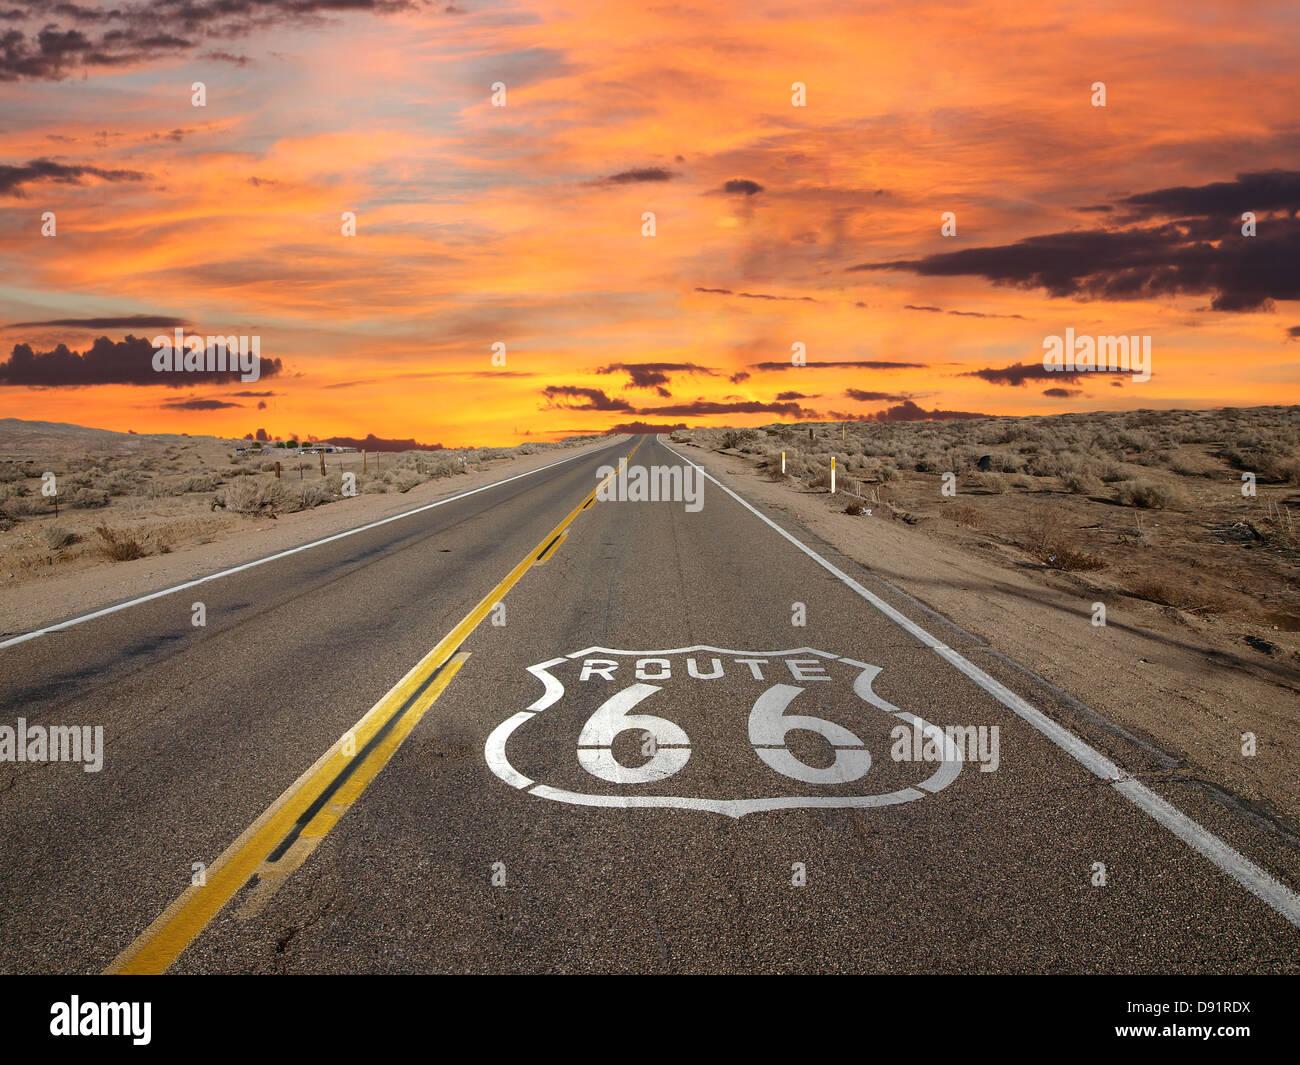 Pavimento Ruta 66 firmar el amanecer en el desierto de Mojave de California. Foto de stock